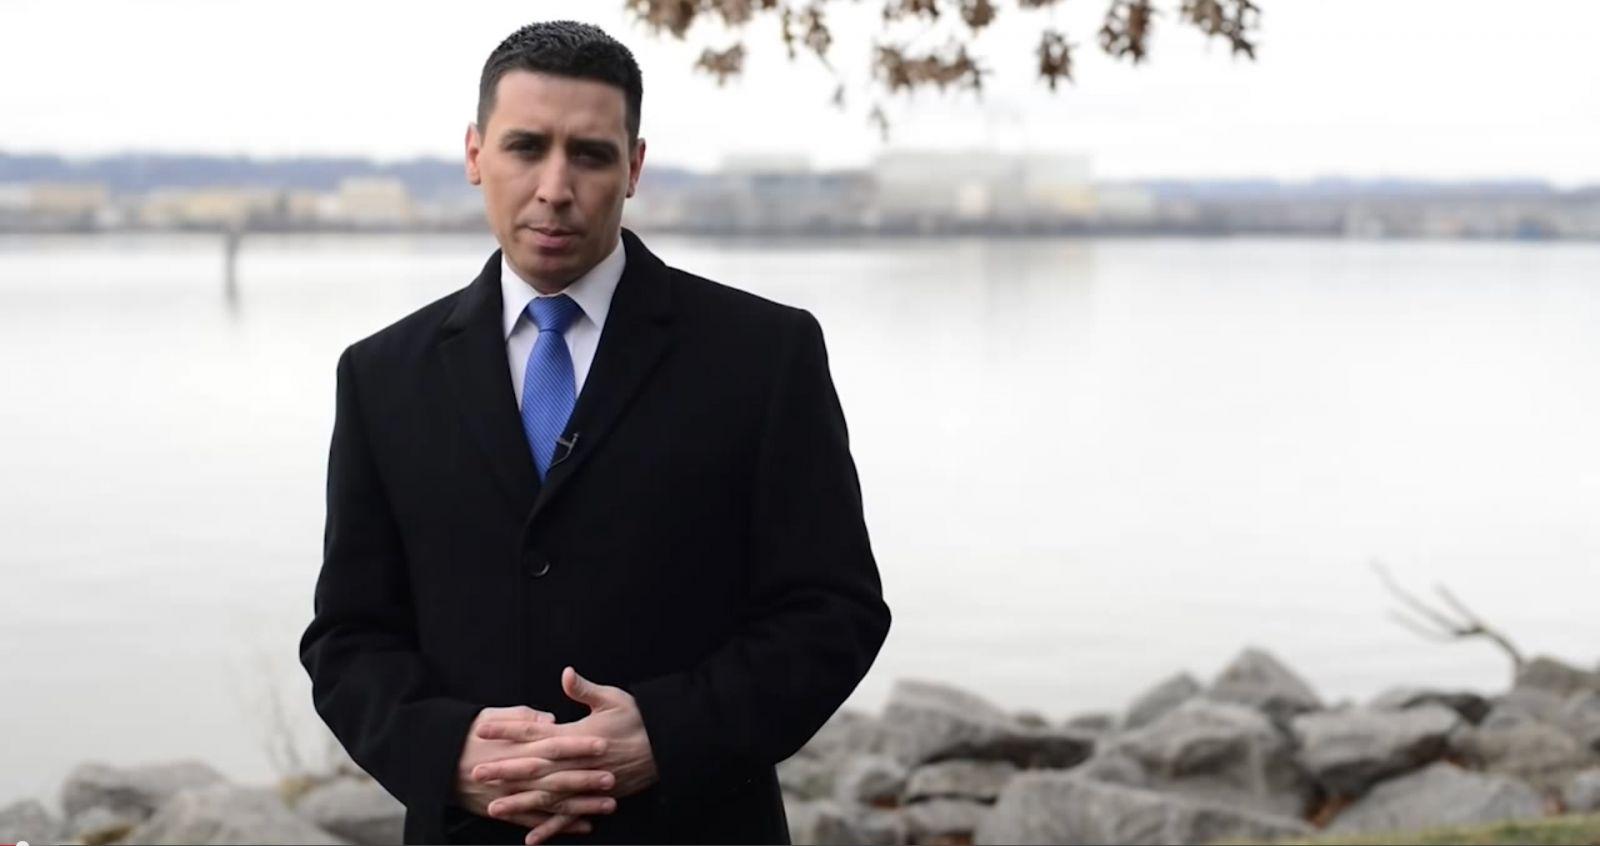 כתב ynet אטילה שומפלבי (צילום מסך)